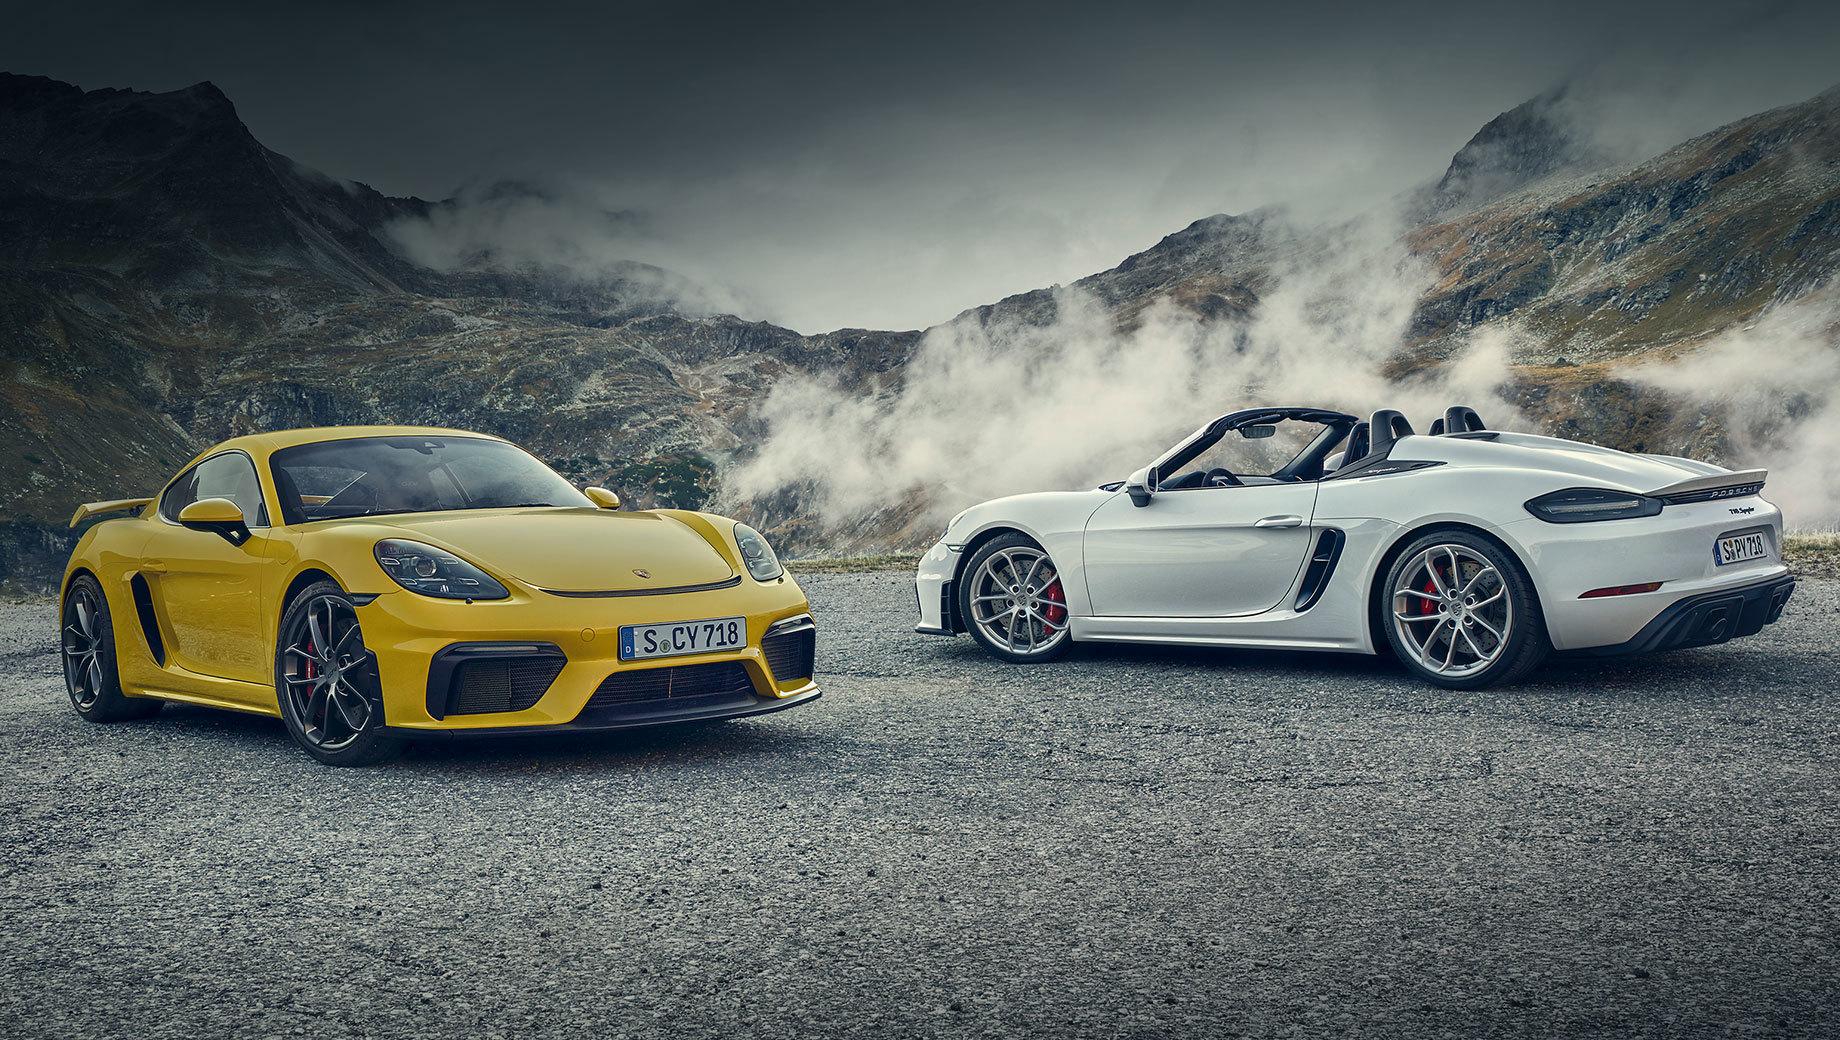 Porsche 718,Porsche 718 cayman,Porsche 718 boxster,Porsche cayman,Porsche boxster. Помимо «робота» на машинах серии 718 (2021 модельного года) появится новый материал обивки спортивных сидений Race-Tex на основе микроволокон (вместо алькантары), а в палитру цветов моделей 718 Cayman GT4 и 718 Spyder добавят колер Python Green. Также на открытую версию можно будет заказать золотистые 20-дюймовые колёса, которые прежде были доступны лишь Кайману GT4.